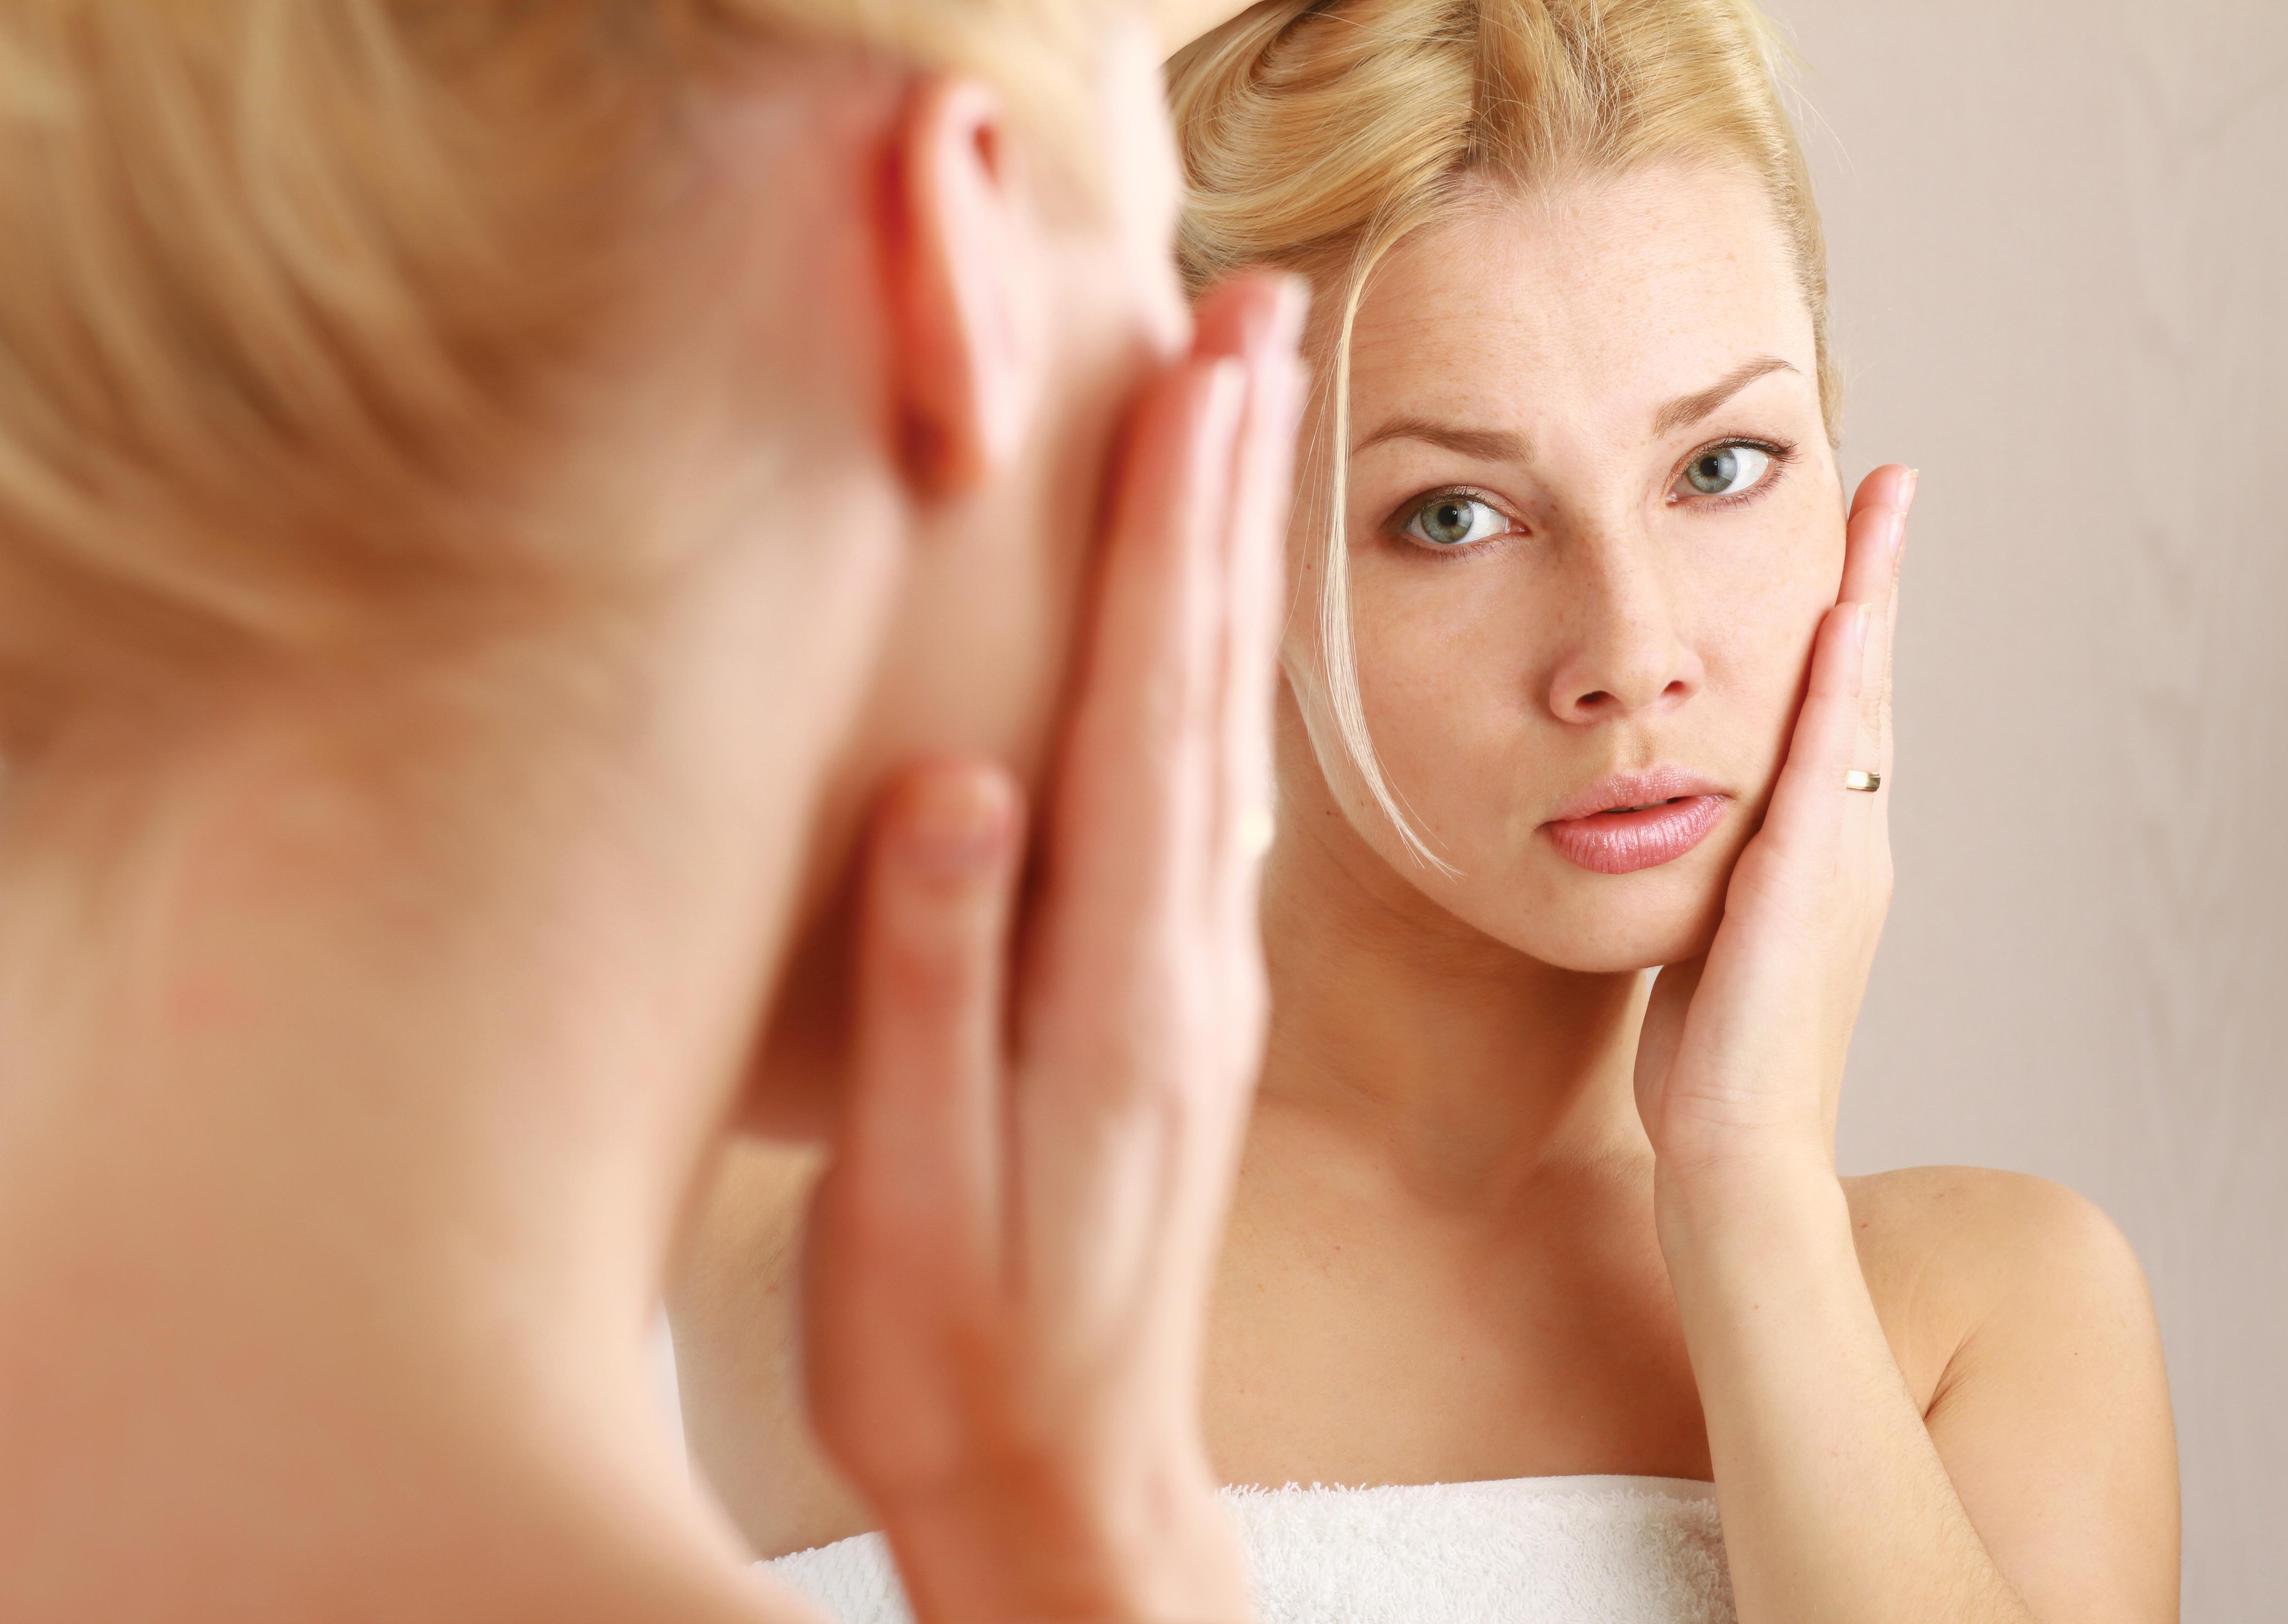 鏡を見ながら頬にてを当てている女性